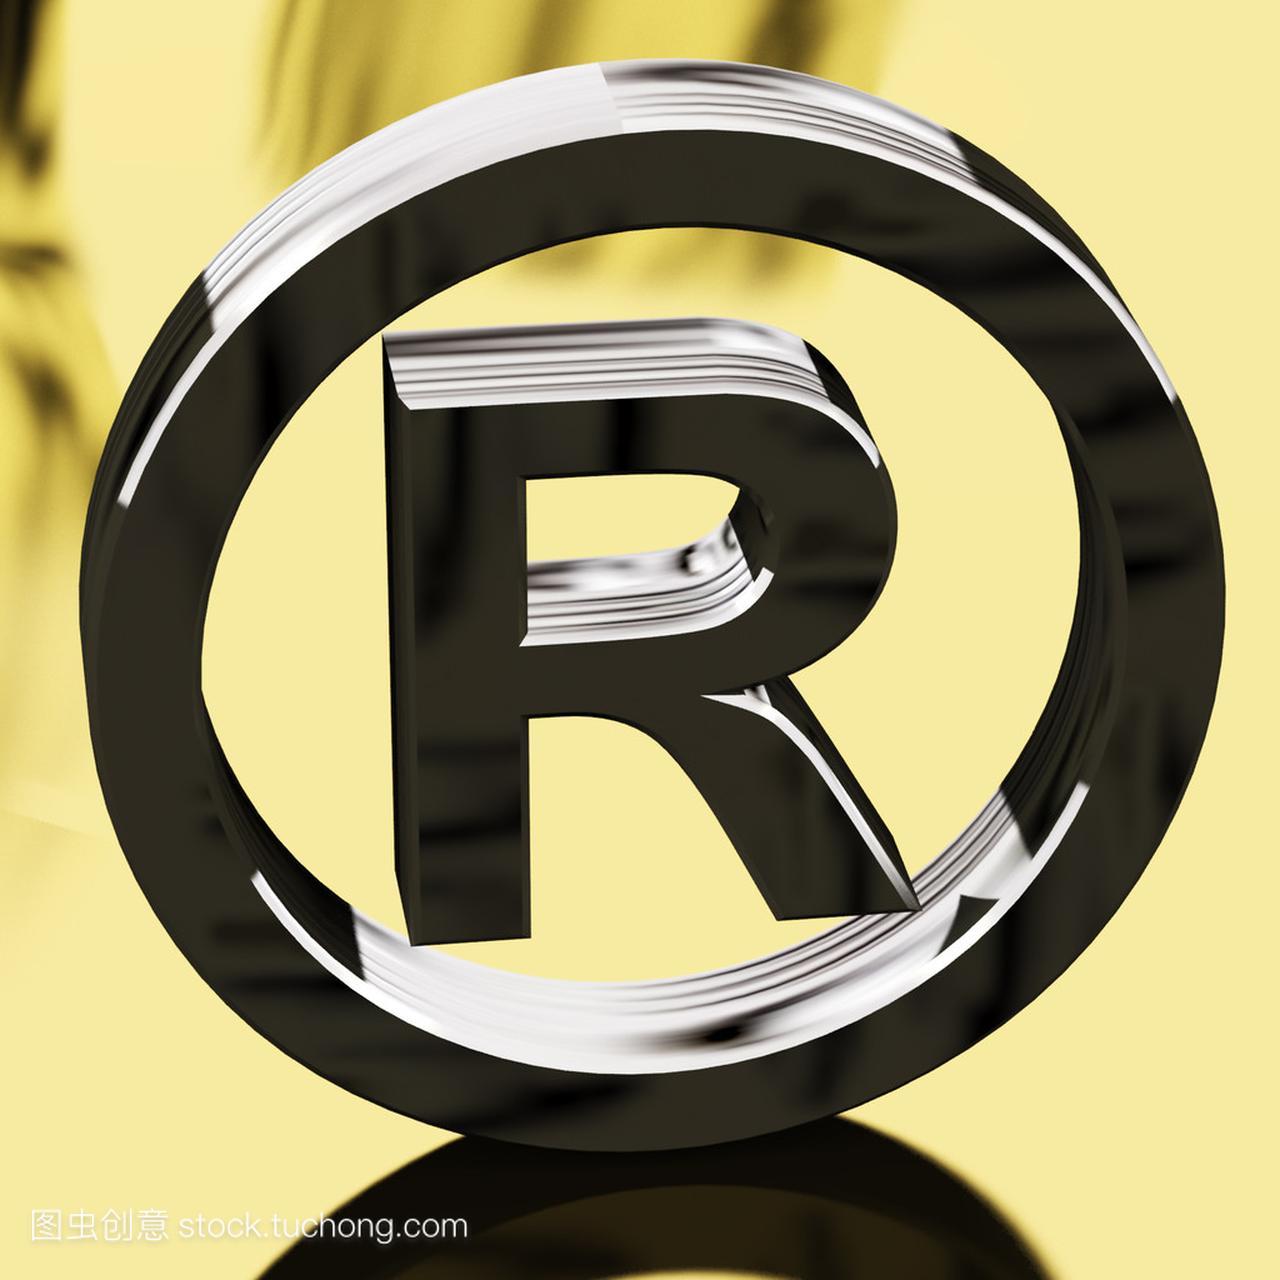 专利的注册的标志,表示银色的品牌阿联酋包装设计图片